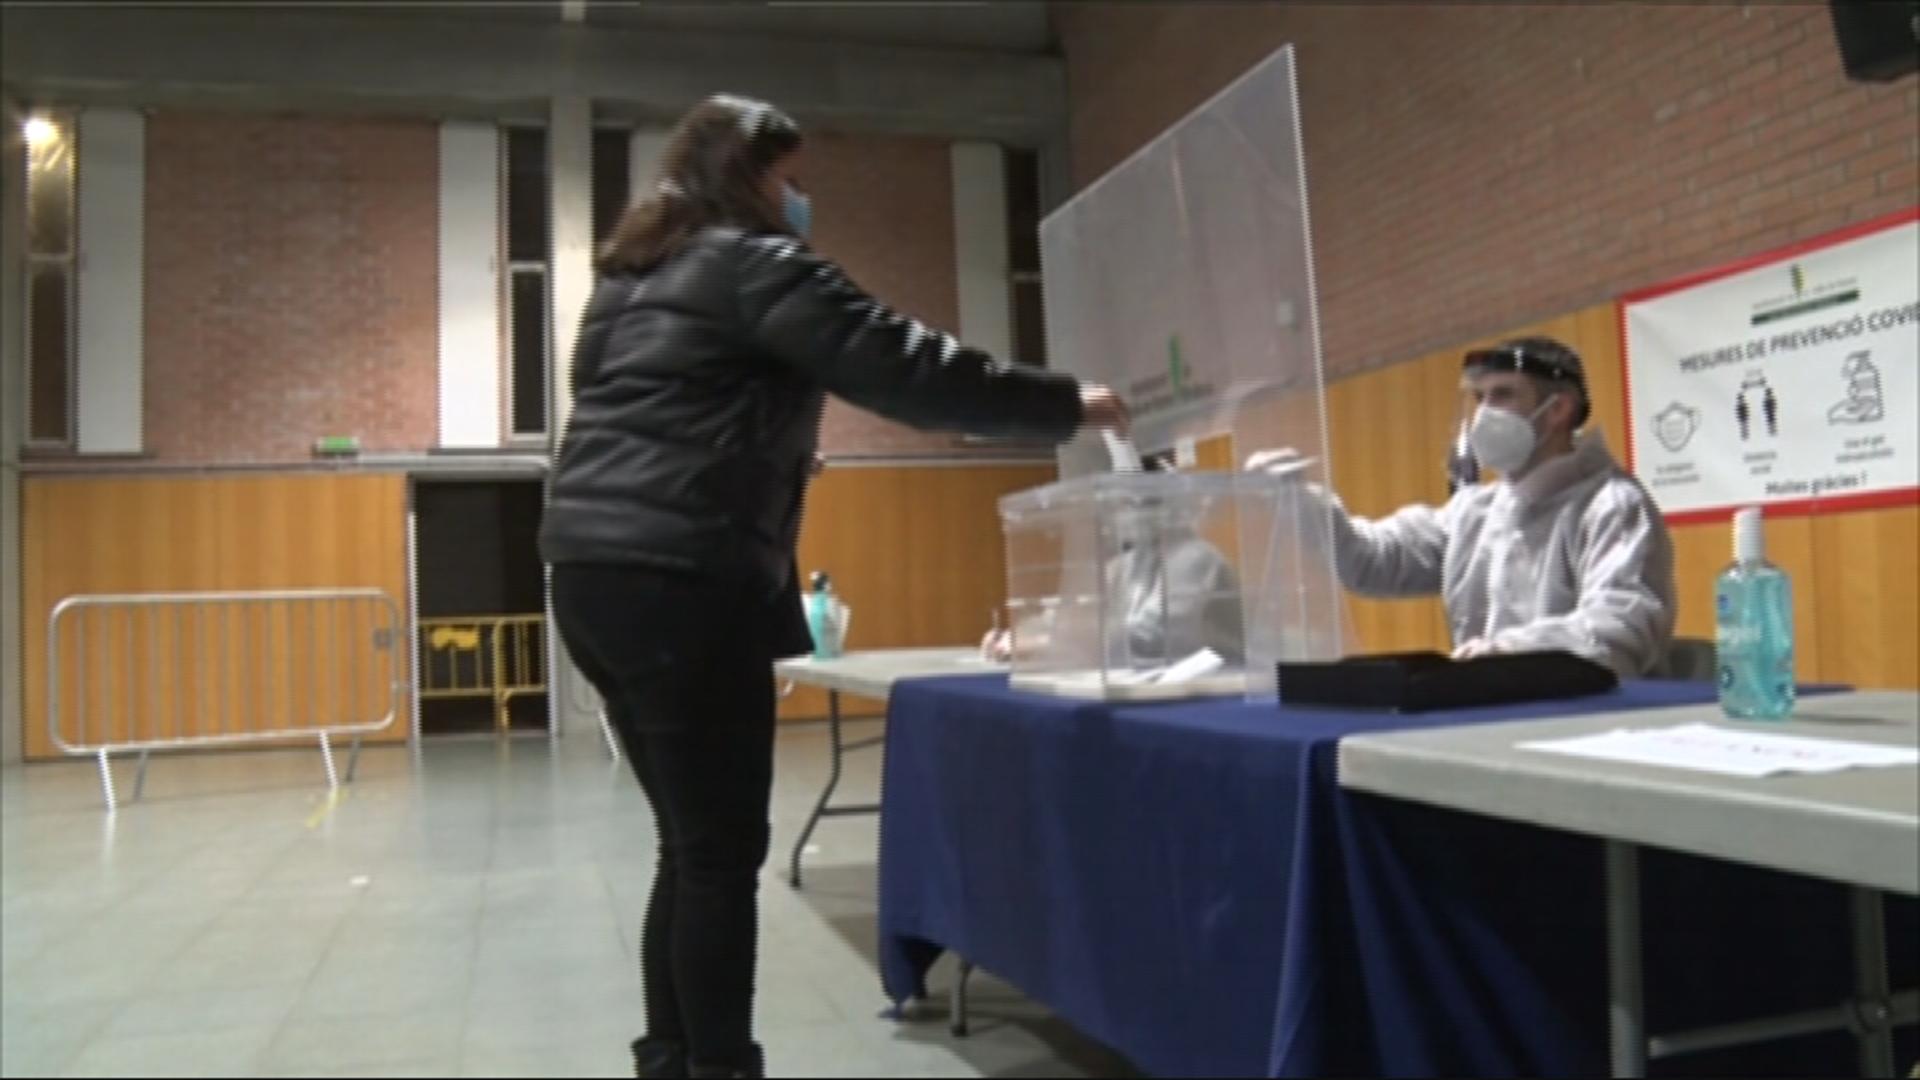 mesa eleccions simulacre